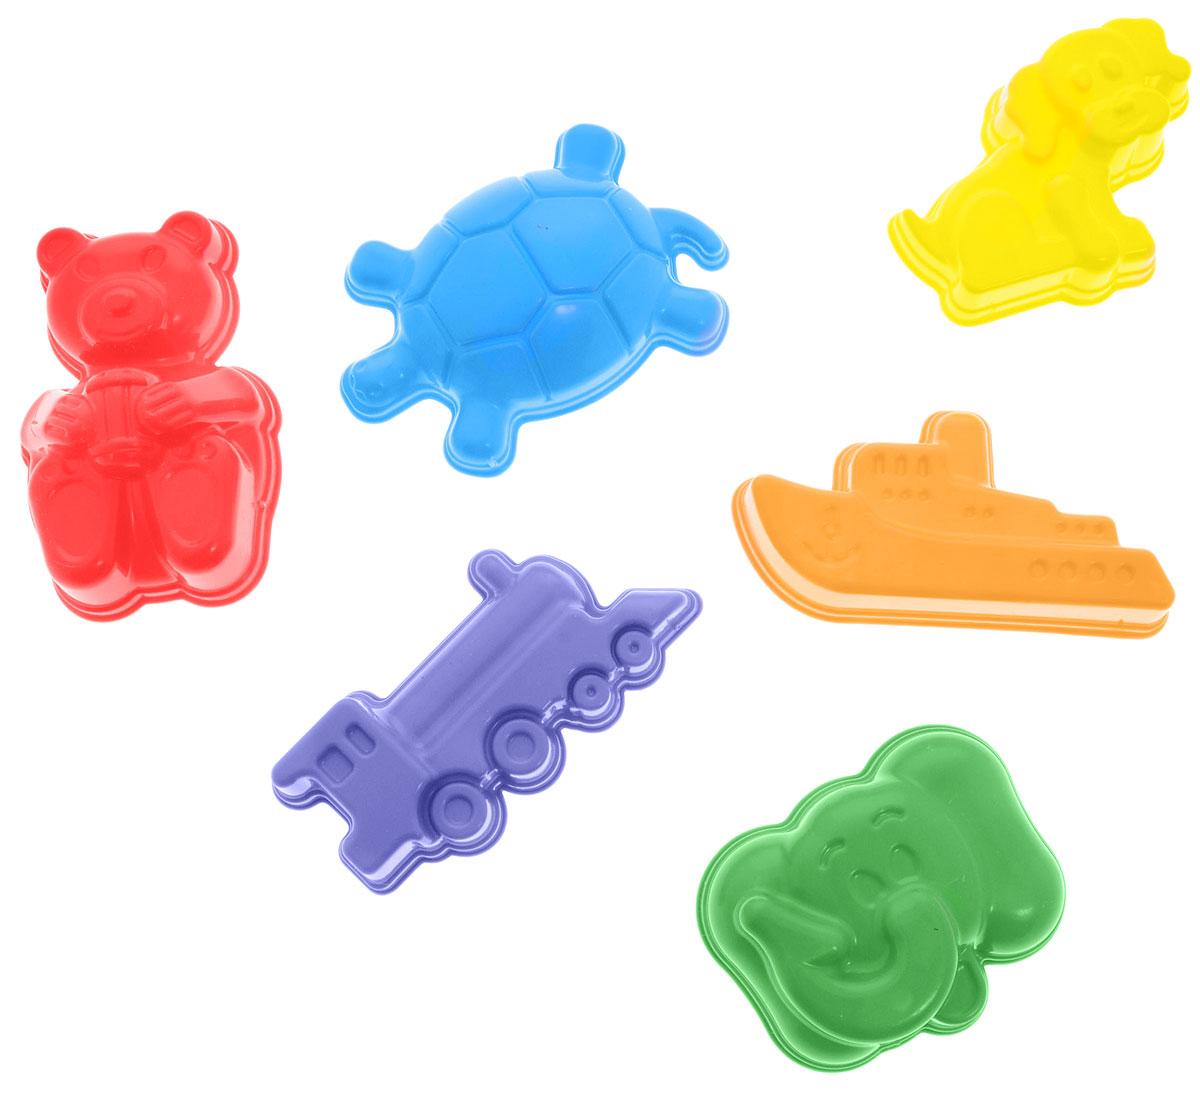 Zebratoys Набор формочек для песочницы 6 шт15-0003Какая песочница без формочек? Набор формочек Zebratoys с высокой степенью прорисовки и необычными формами станет полноценным дополнением к любой игре в песке. А качественные красители не позволят формочкам выгореть на солнце. Набор включает в себя шесть формочек в виде корабля, слоника, медвежонка, паровозика, собачки и черепашки. Уважаемые клиенты! Обращаем ваше внимание на ассортимент в цвете товара. Поставка осуществляется в зависимости от наличия на складе.